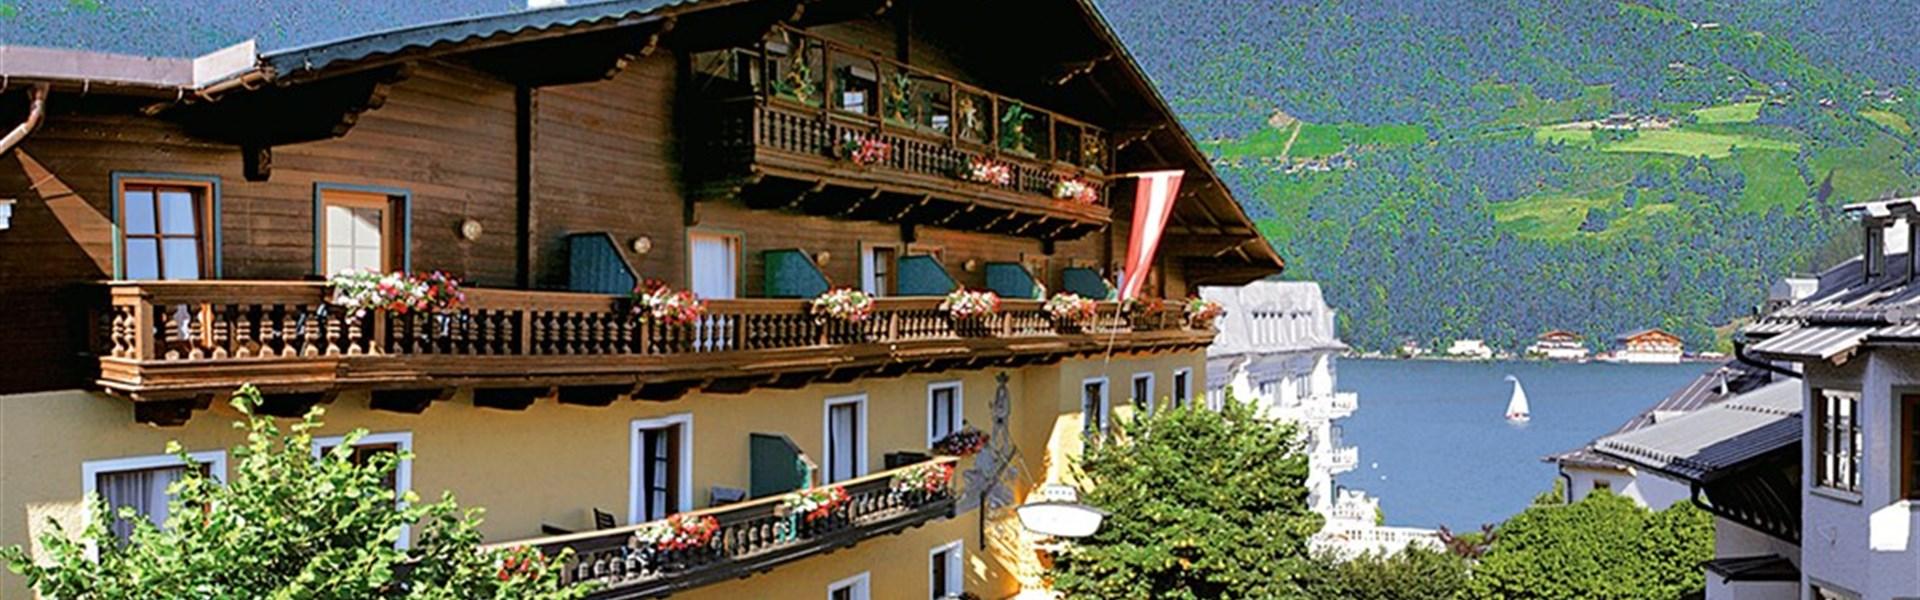 Hotel Fischerwirt -